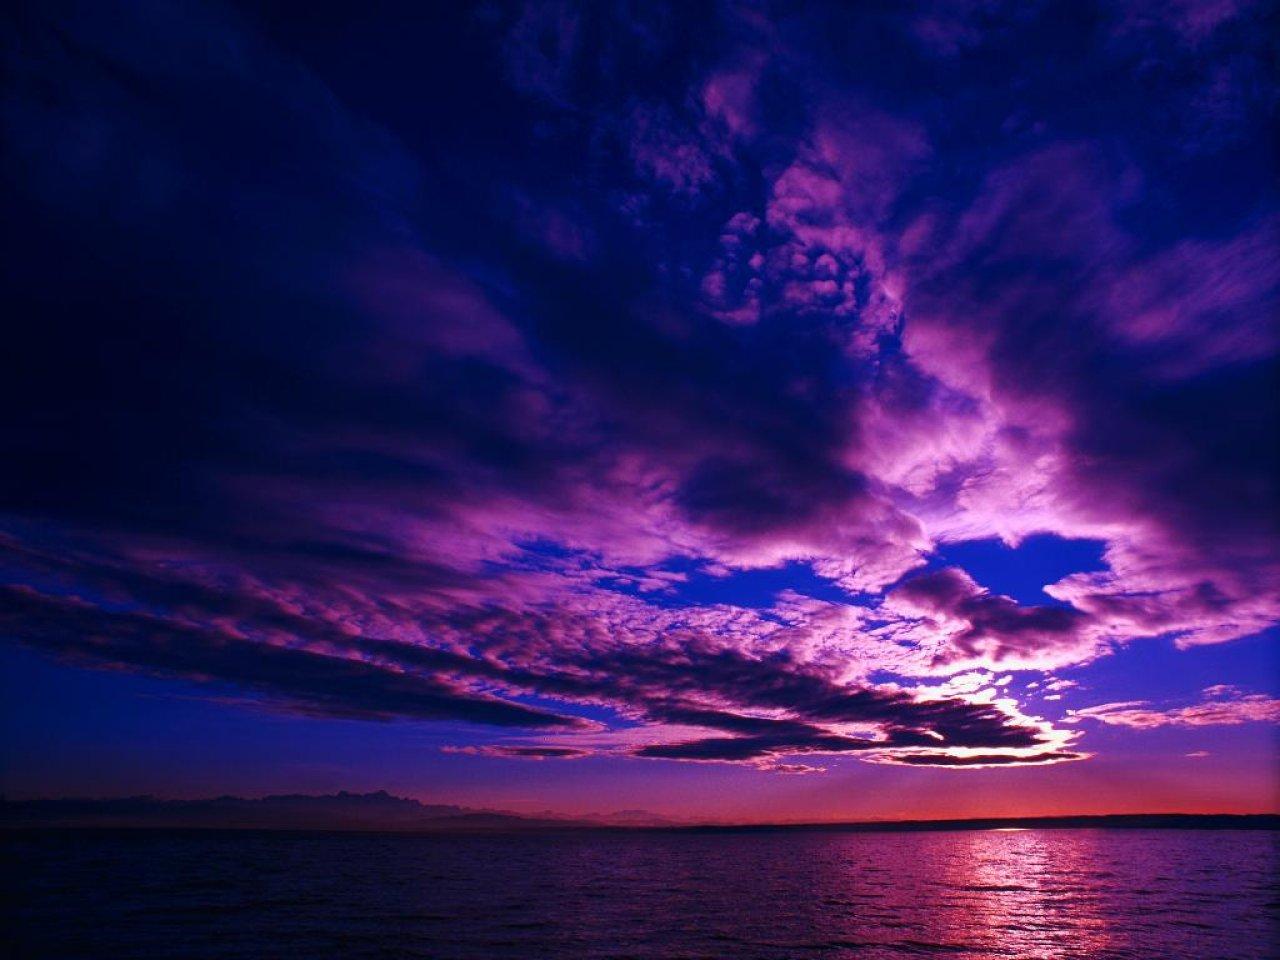 scenic wallpaper purple